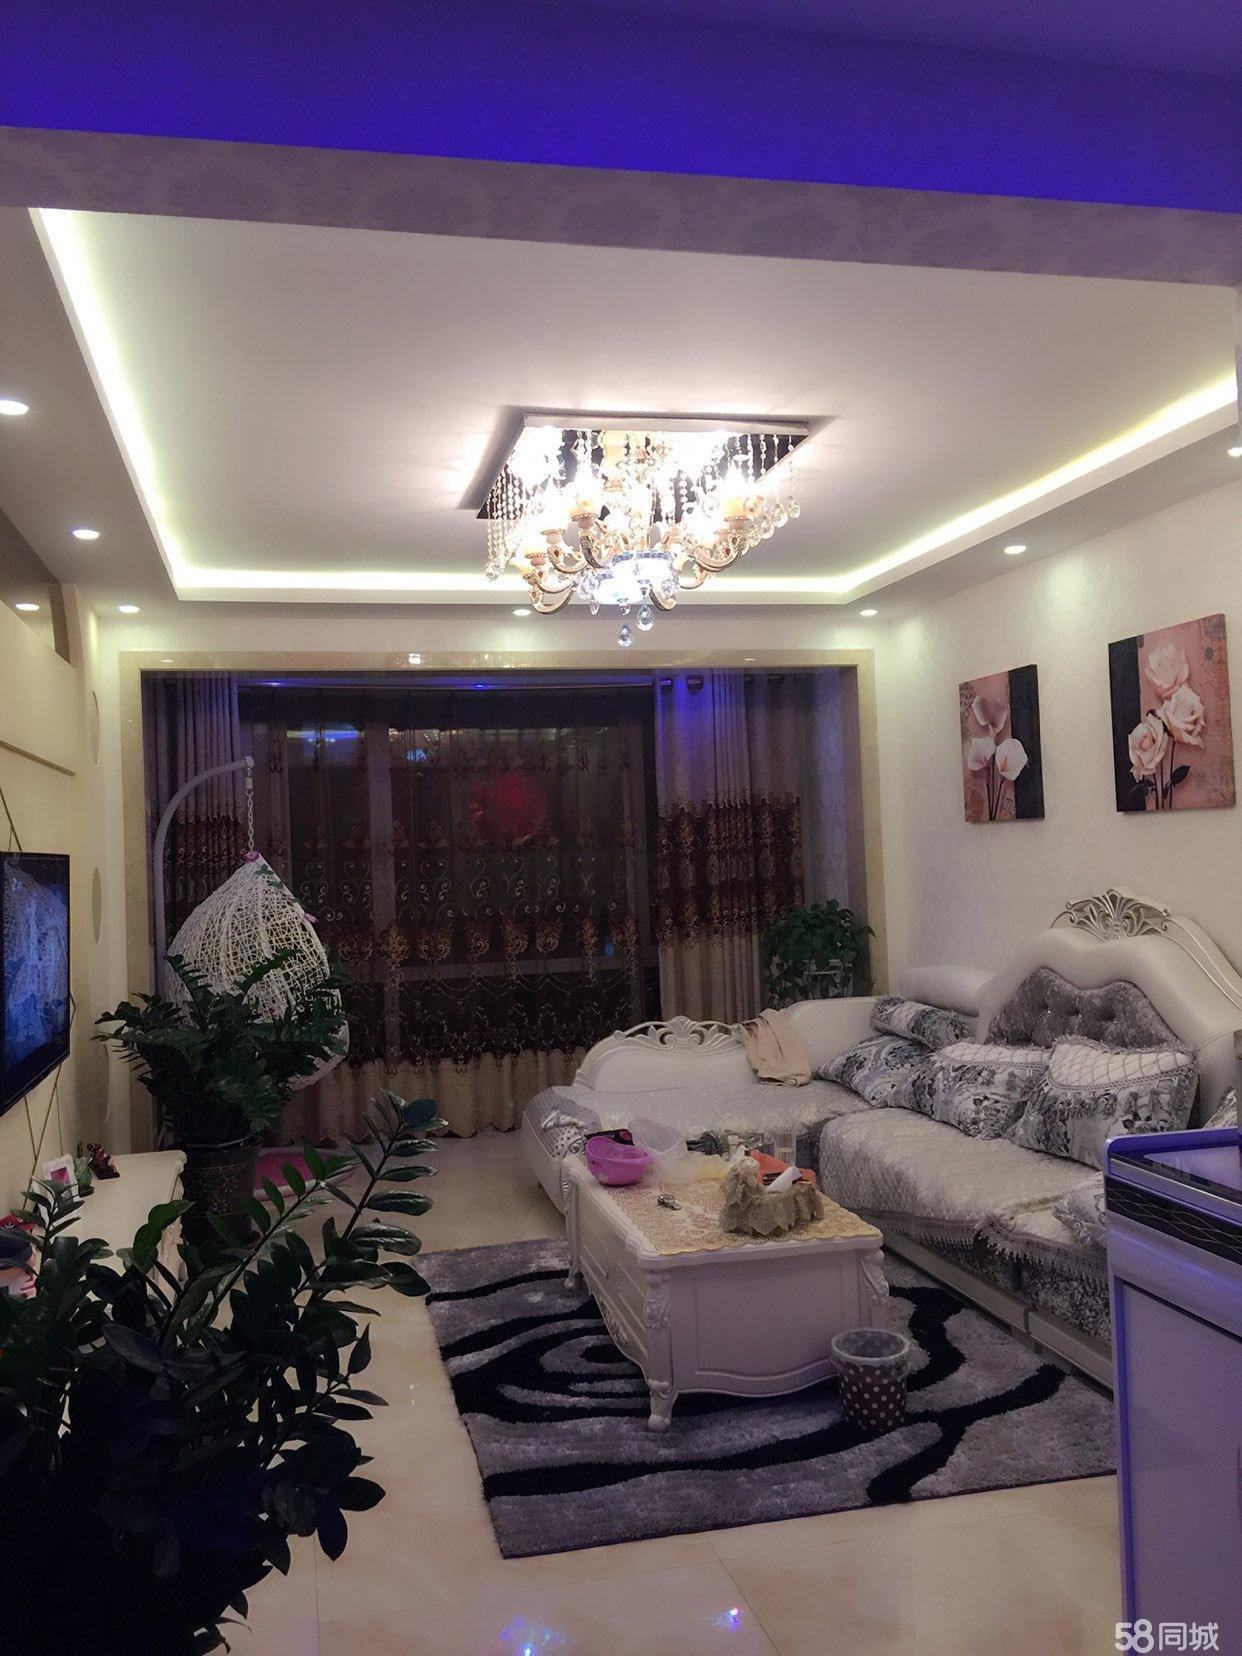 鹤城一号新小区封闭式小区两室一厅一卫豪华装修品牌家电